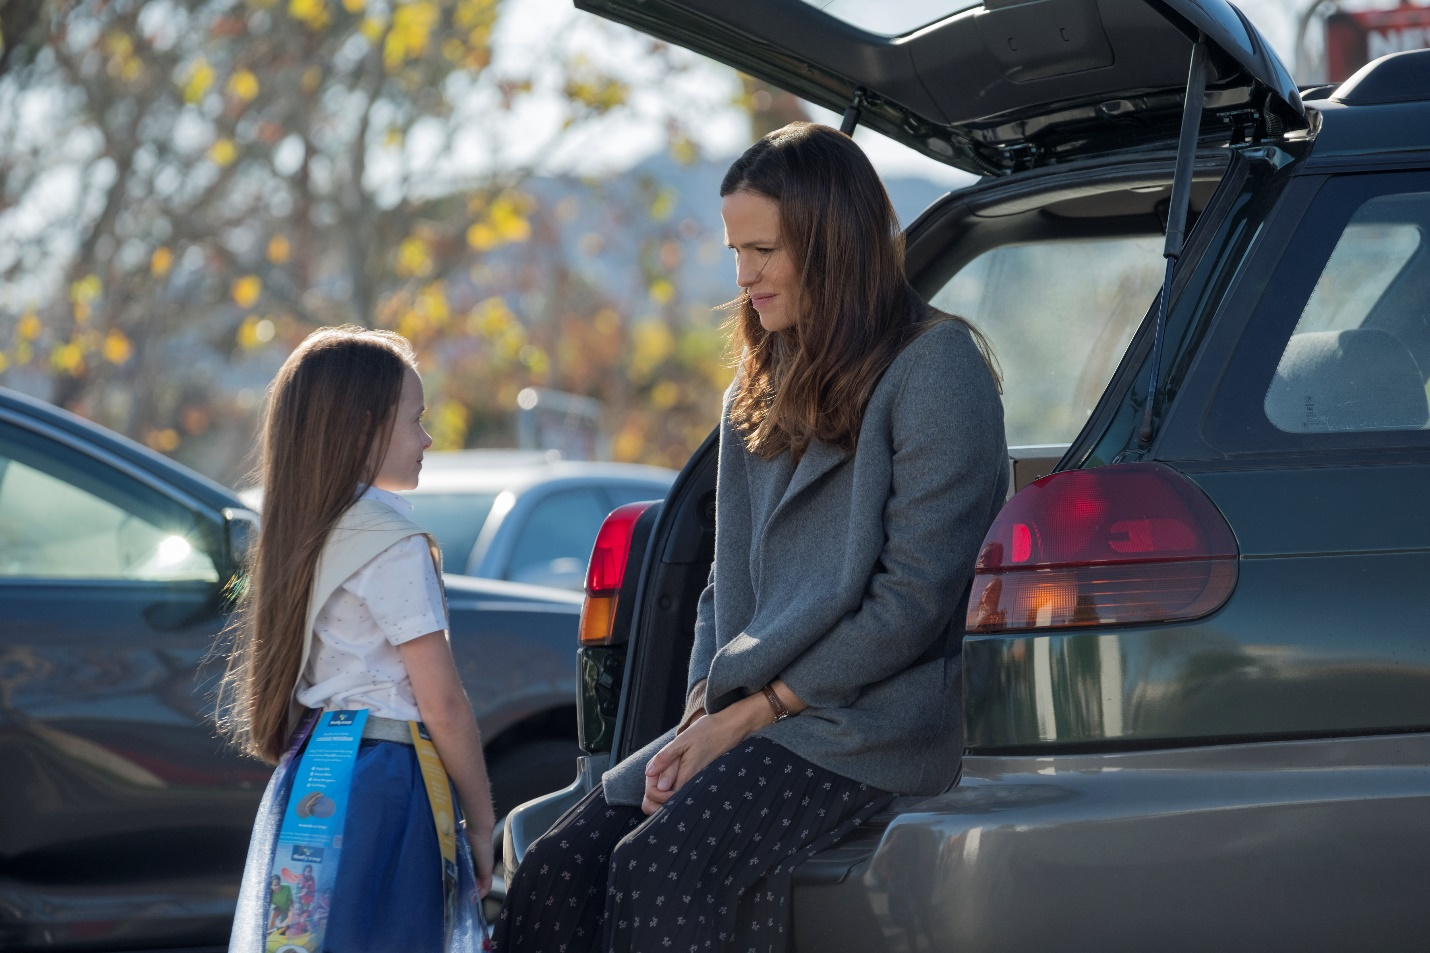 Peppermint – Màn tái xuất đậm chất hành động đầy ấn tượng của Jennifer Garner - Ảnh 1.